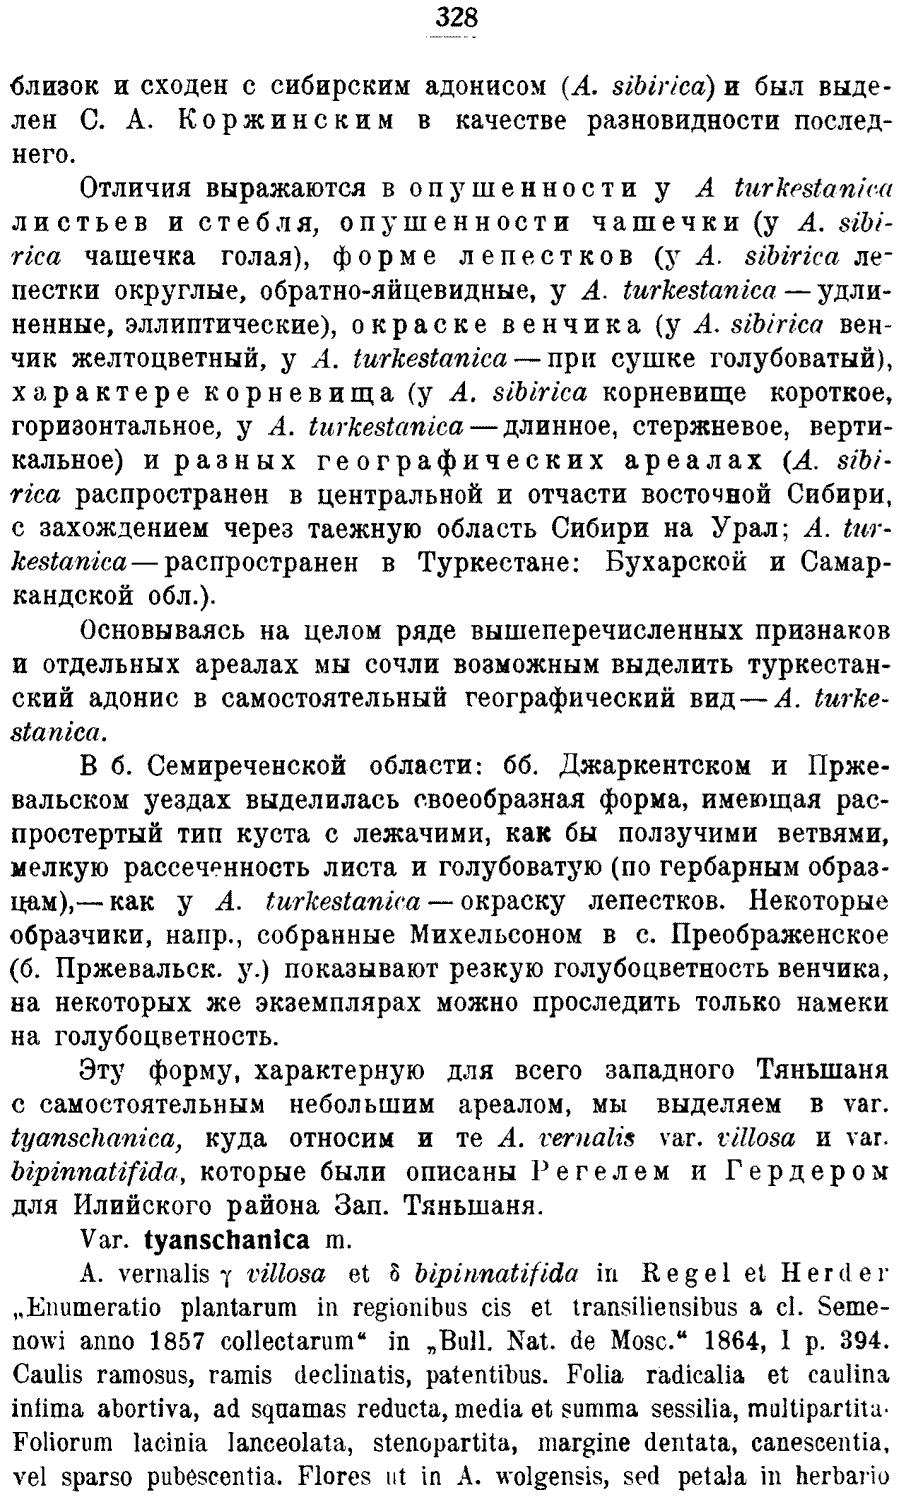 https://forum.plantarium.ru/misc.php?action=pun_attachment&item=26579